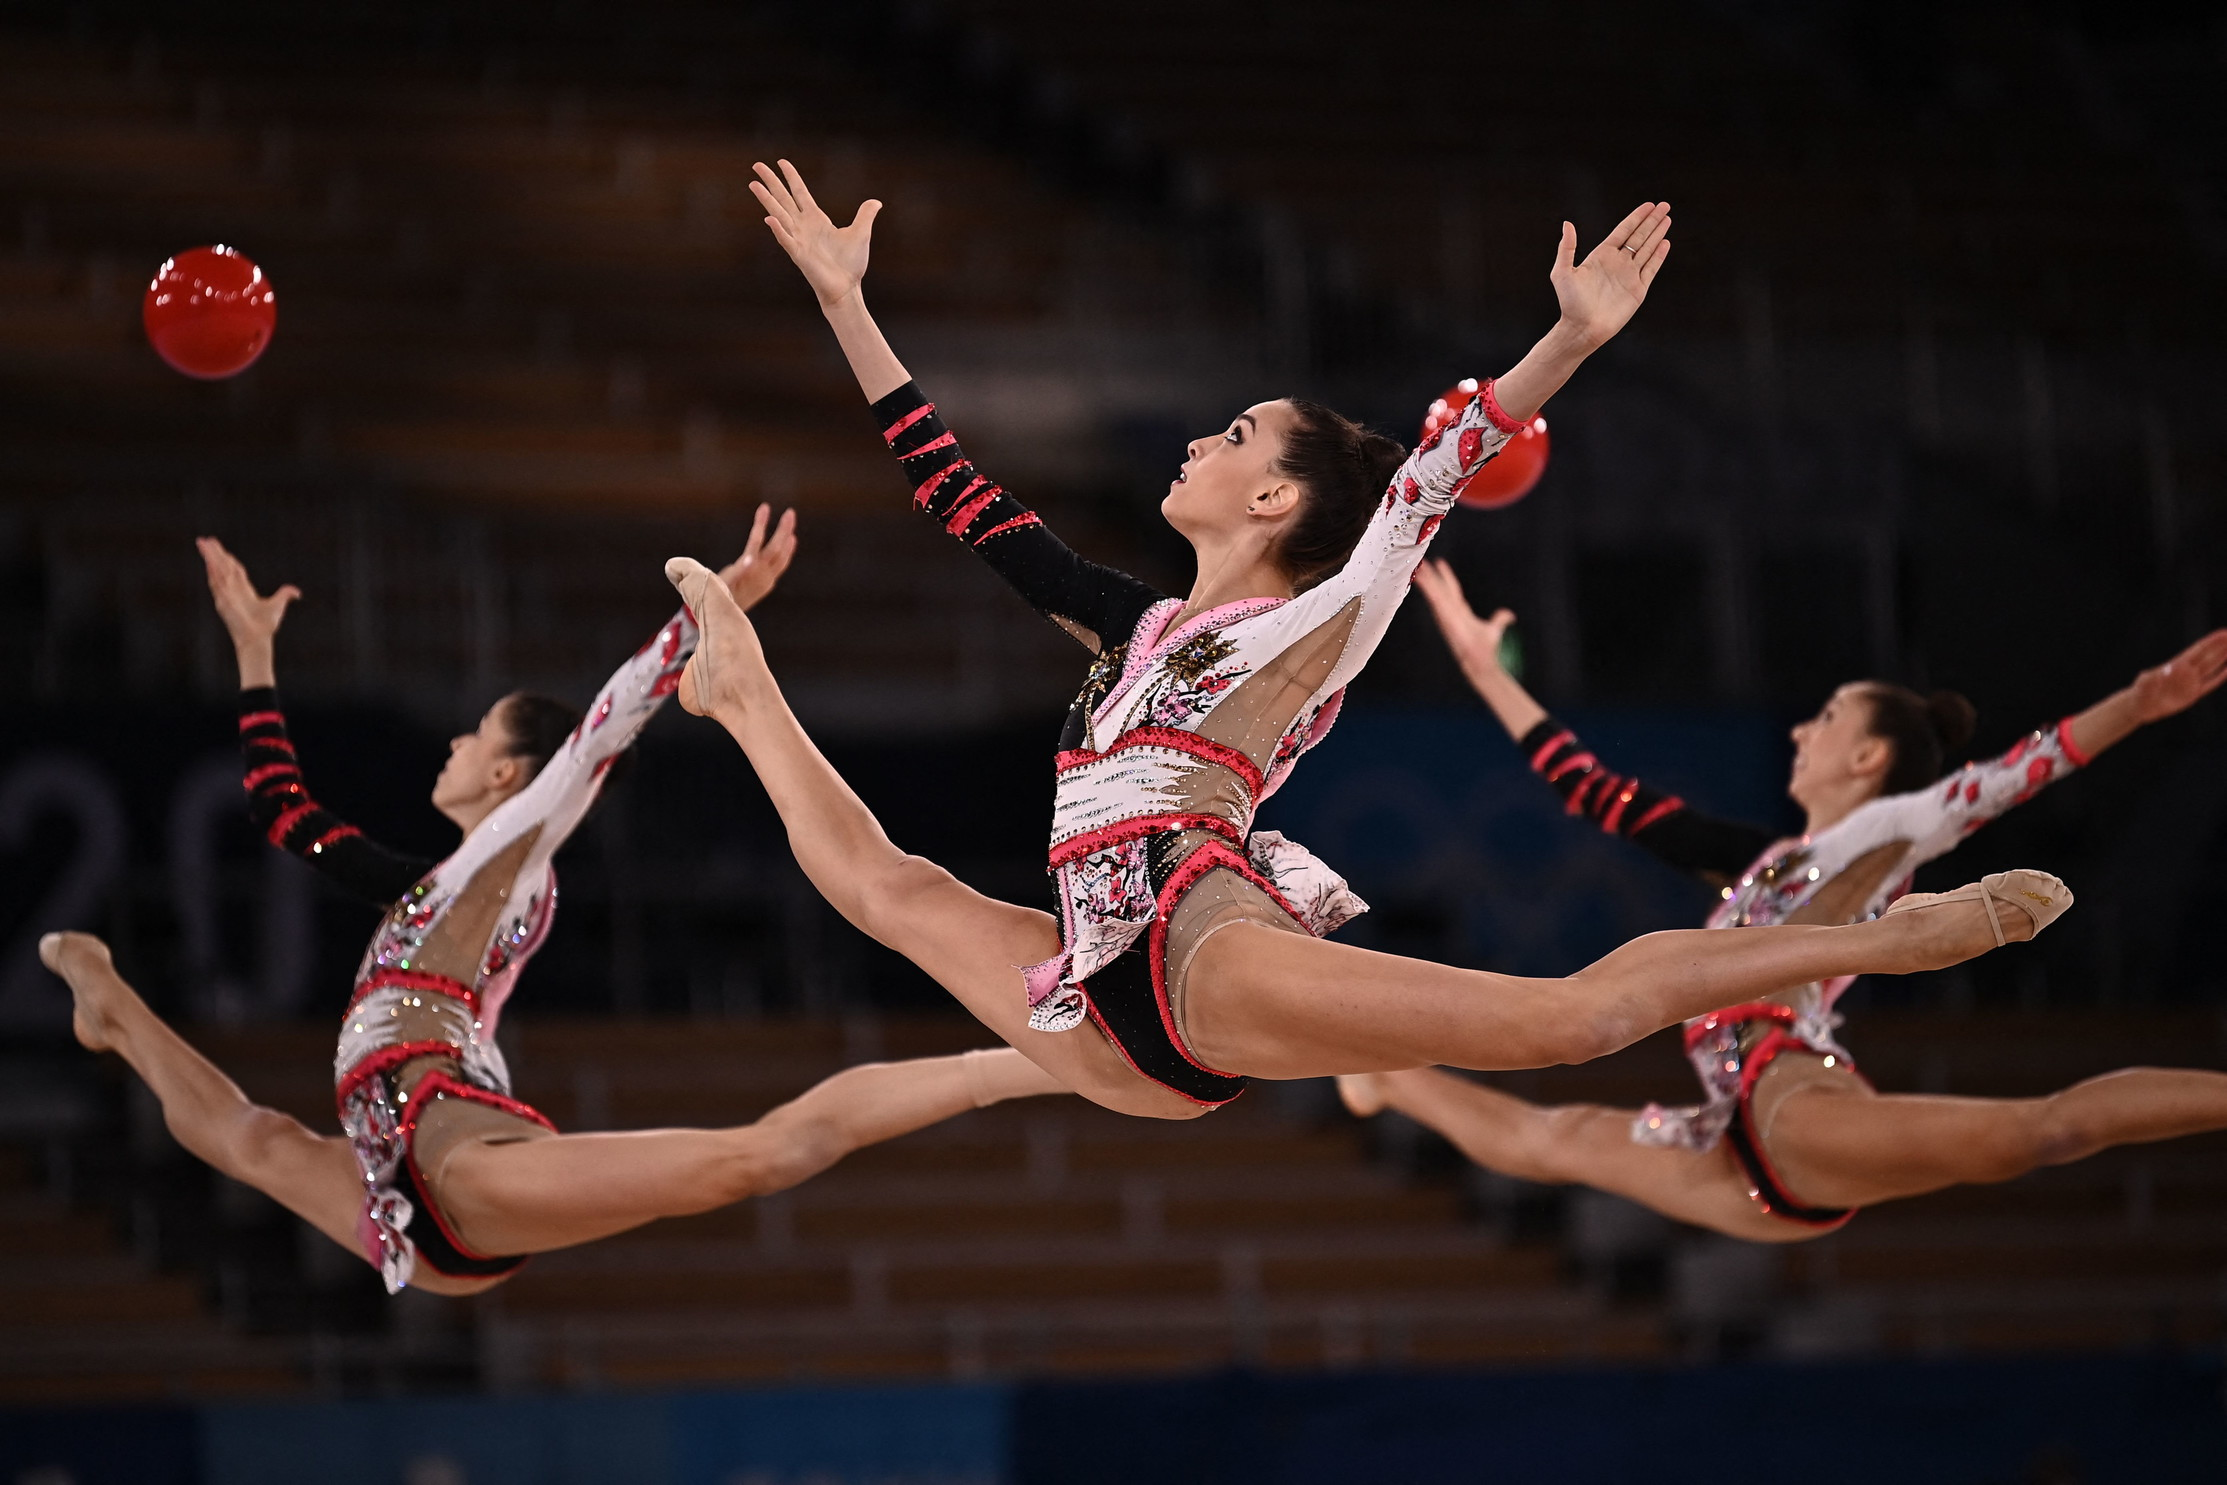 La squadra italiana della ginnastica ritmica ha chiuso al terzo posto la gara a squadre, firmando la 40.a medaglia azzurra ai Giochi. Le &quot;Farfalle&quot; hanno vinto il bronzo alle spalle di Bulgaria e Russia.<br /><br />